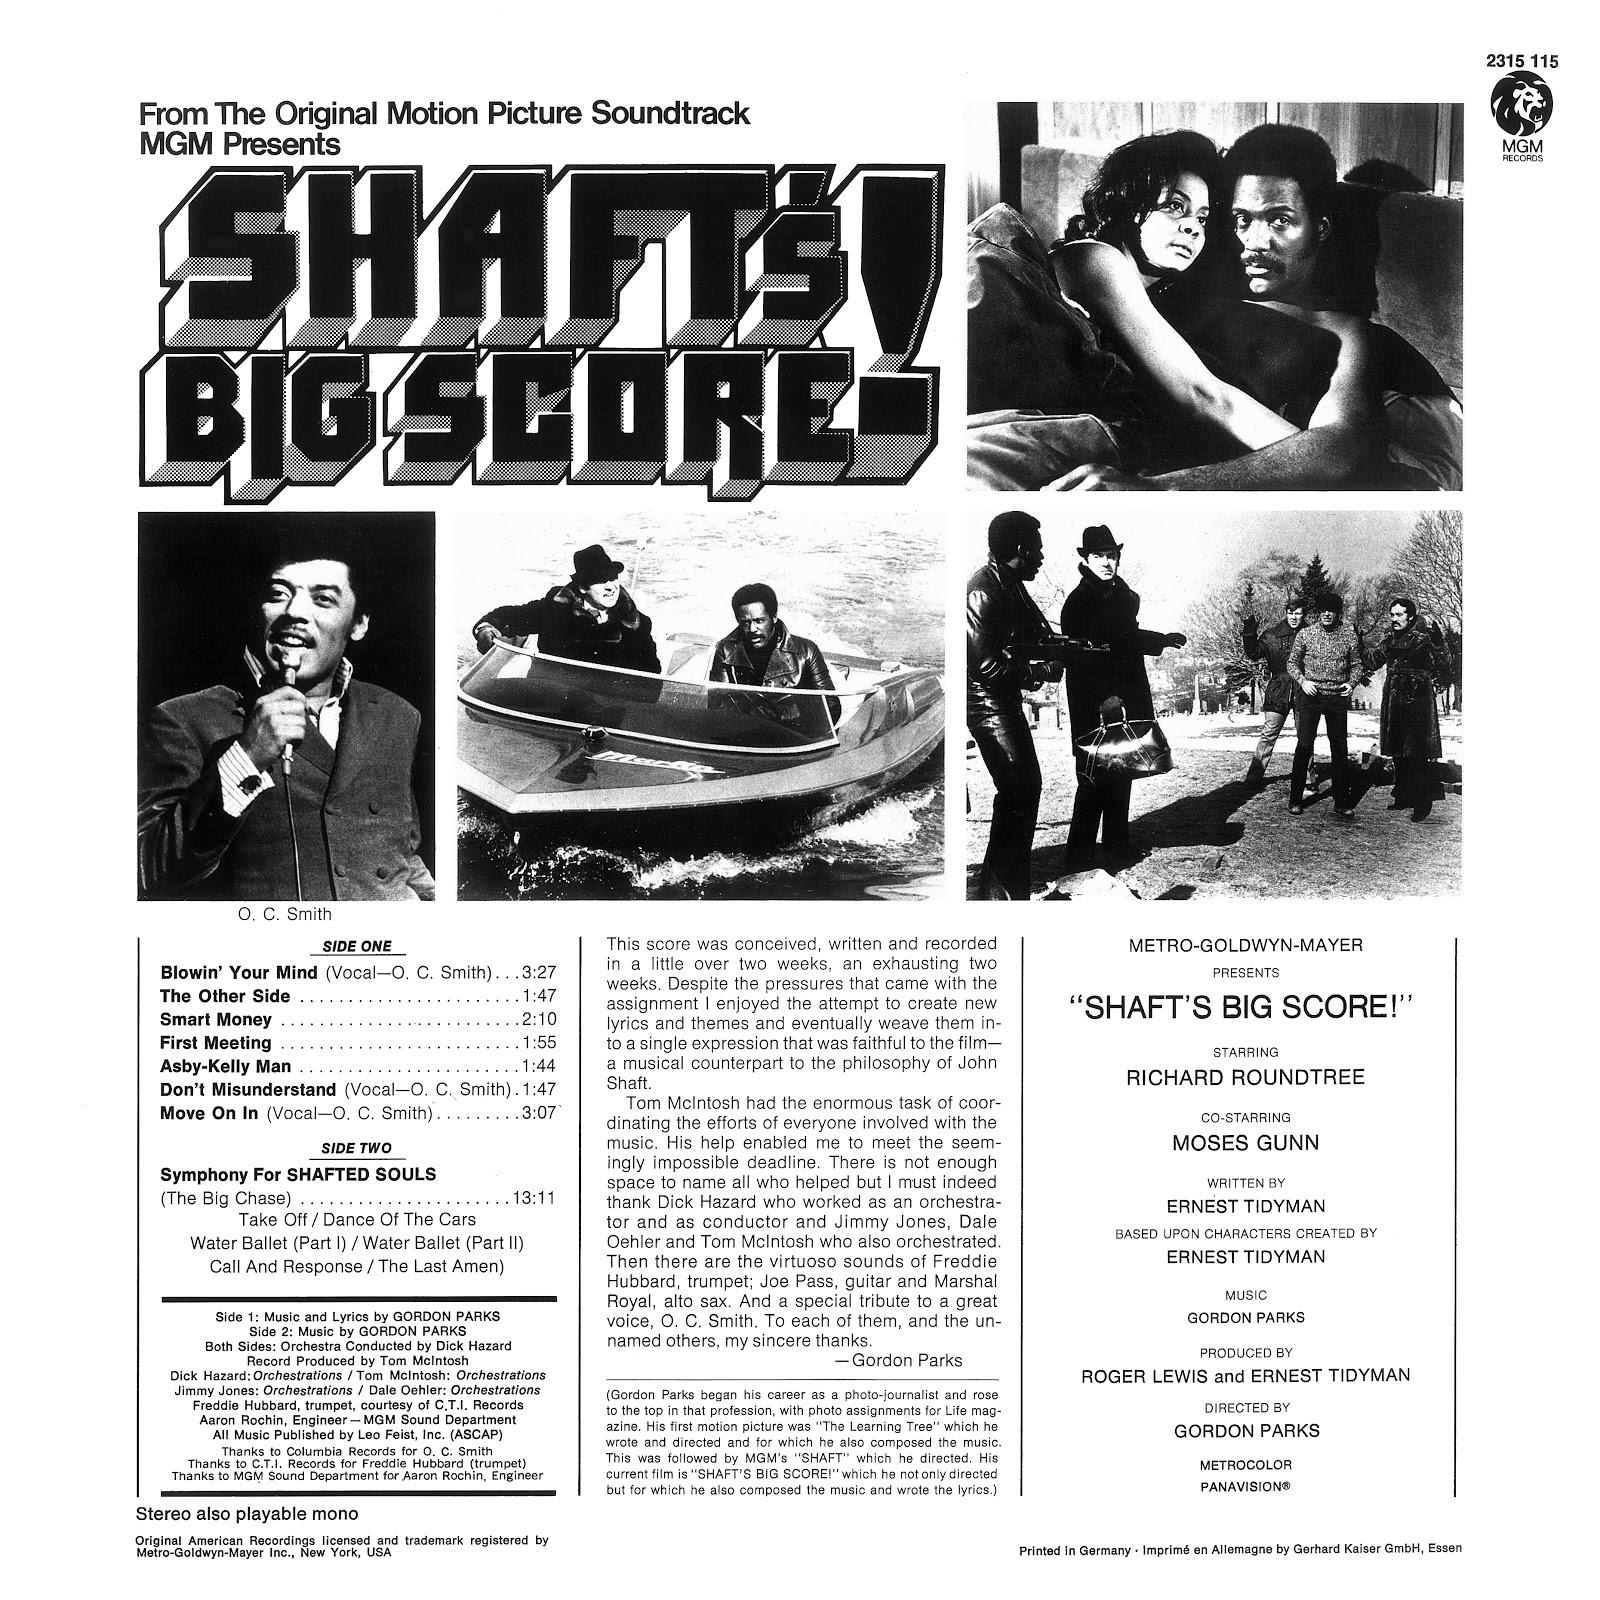 Music Crates Gordon Parks Shaft S Big Score Soundtrack 1972